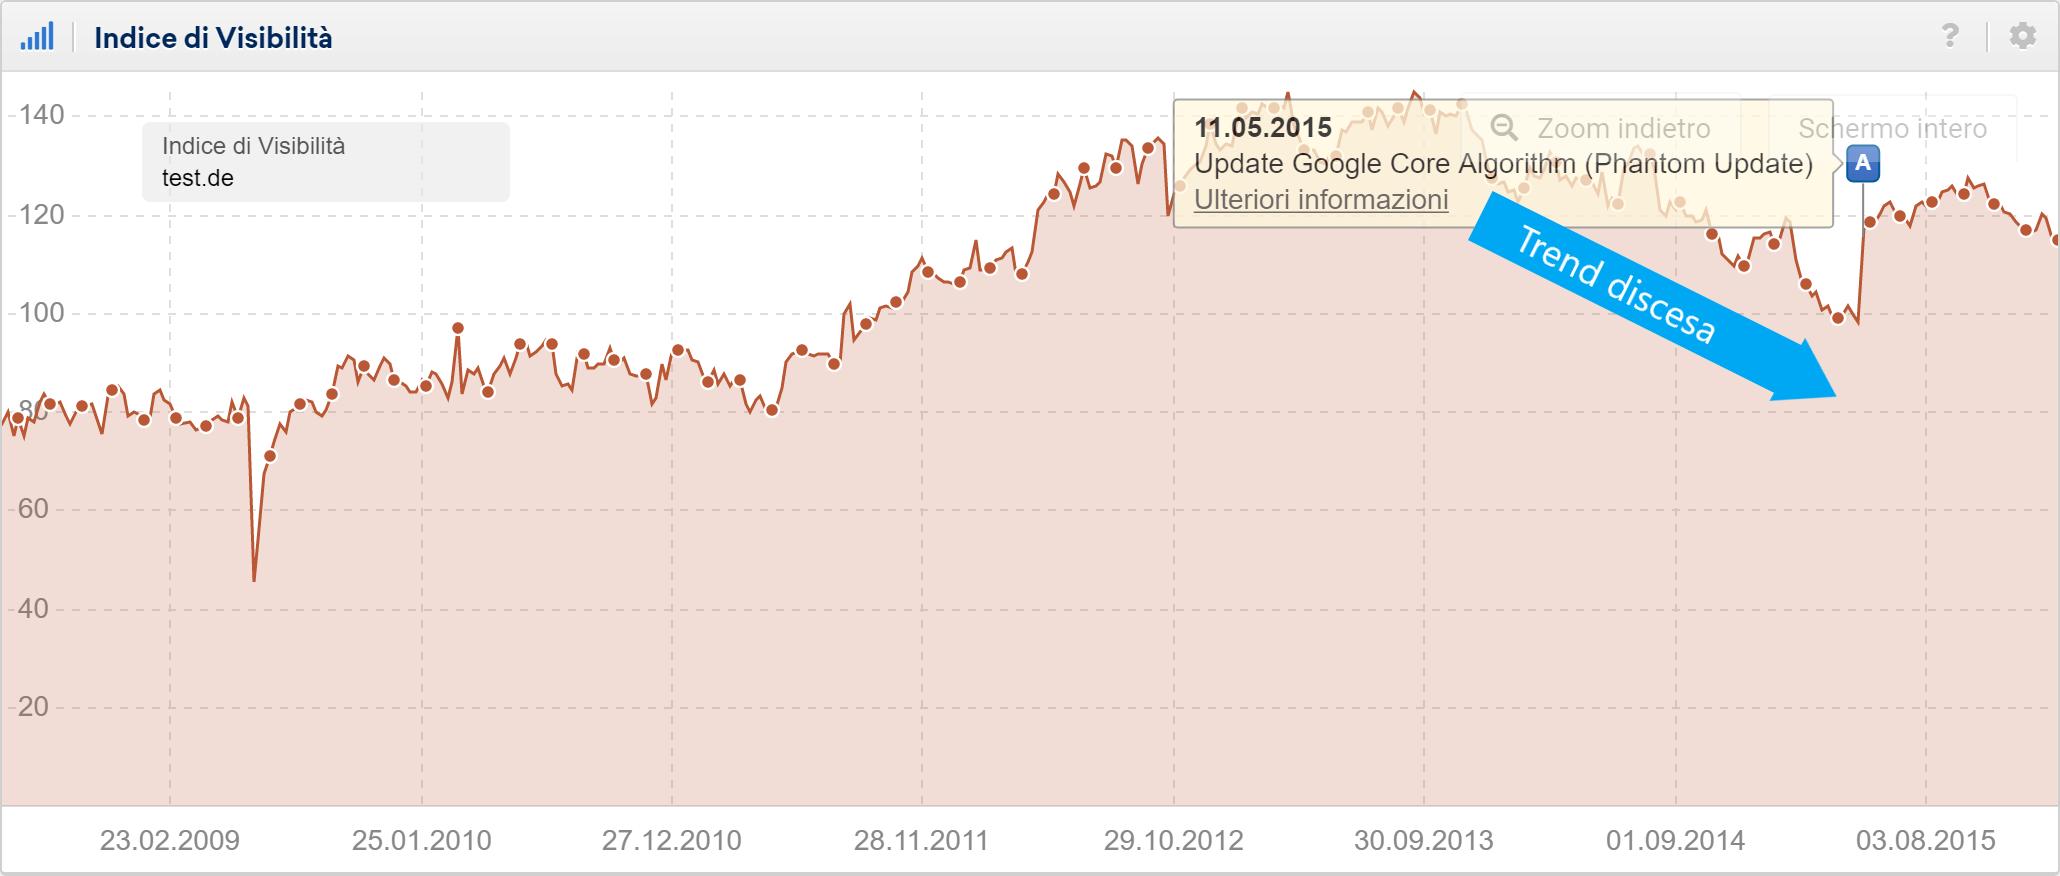 Toolbox SISTRIX: aumento di visibilità di test.de a causa del Phantom Update